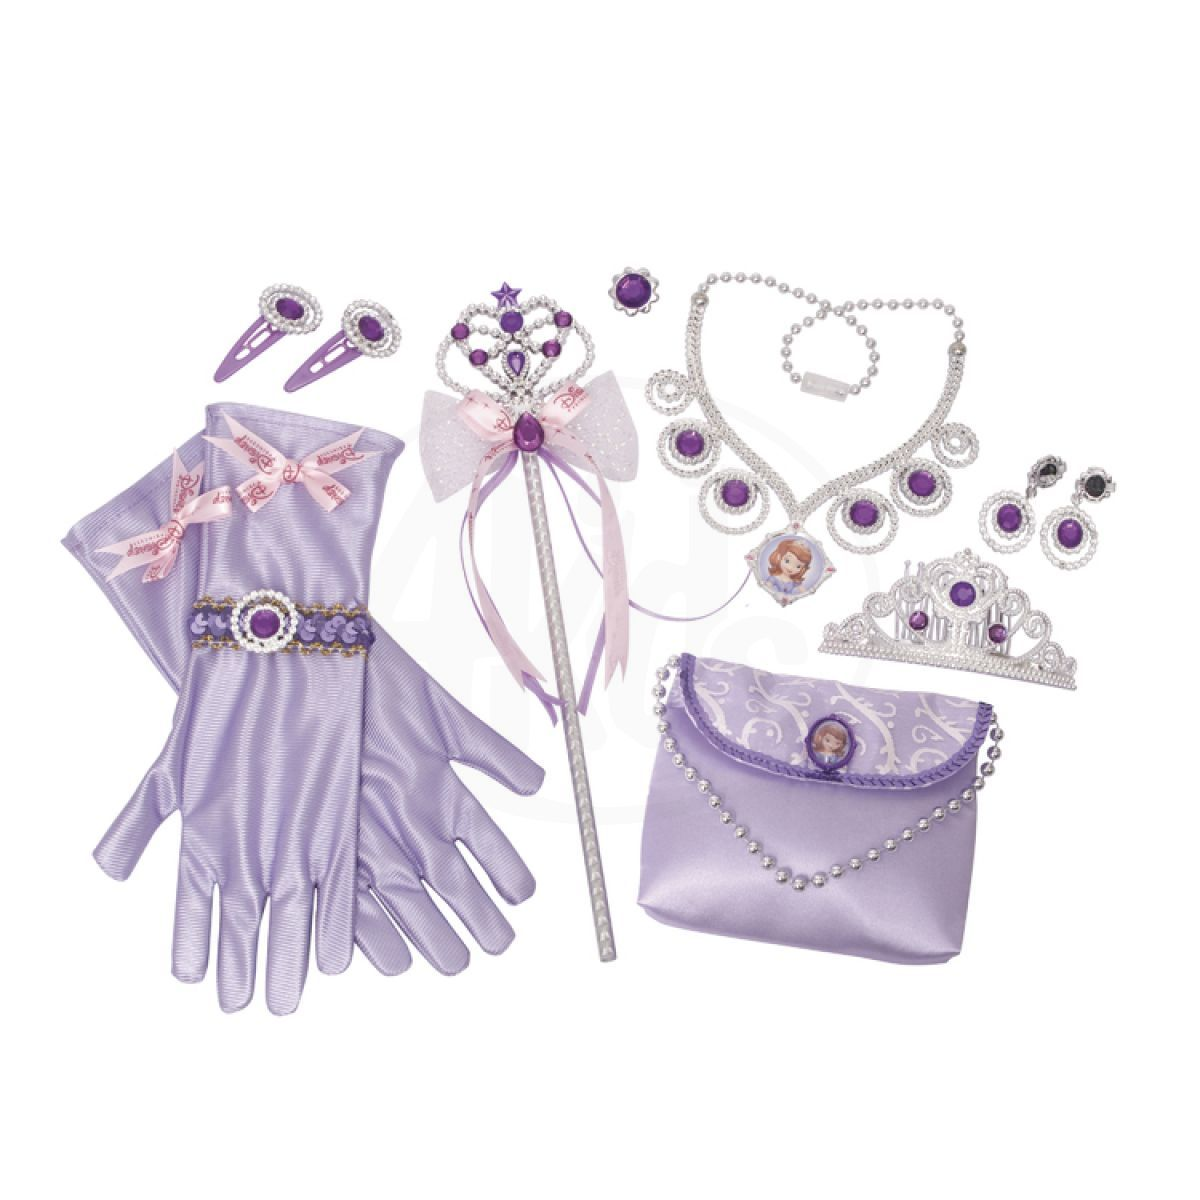 fe99785790d Black Fire Disney Princezna Sofie První Velký set s doplňky pro princeznu